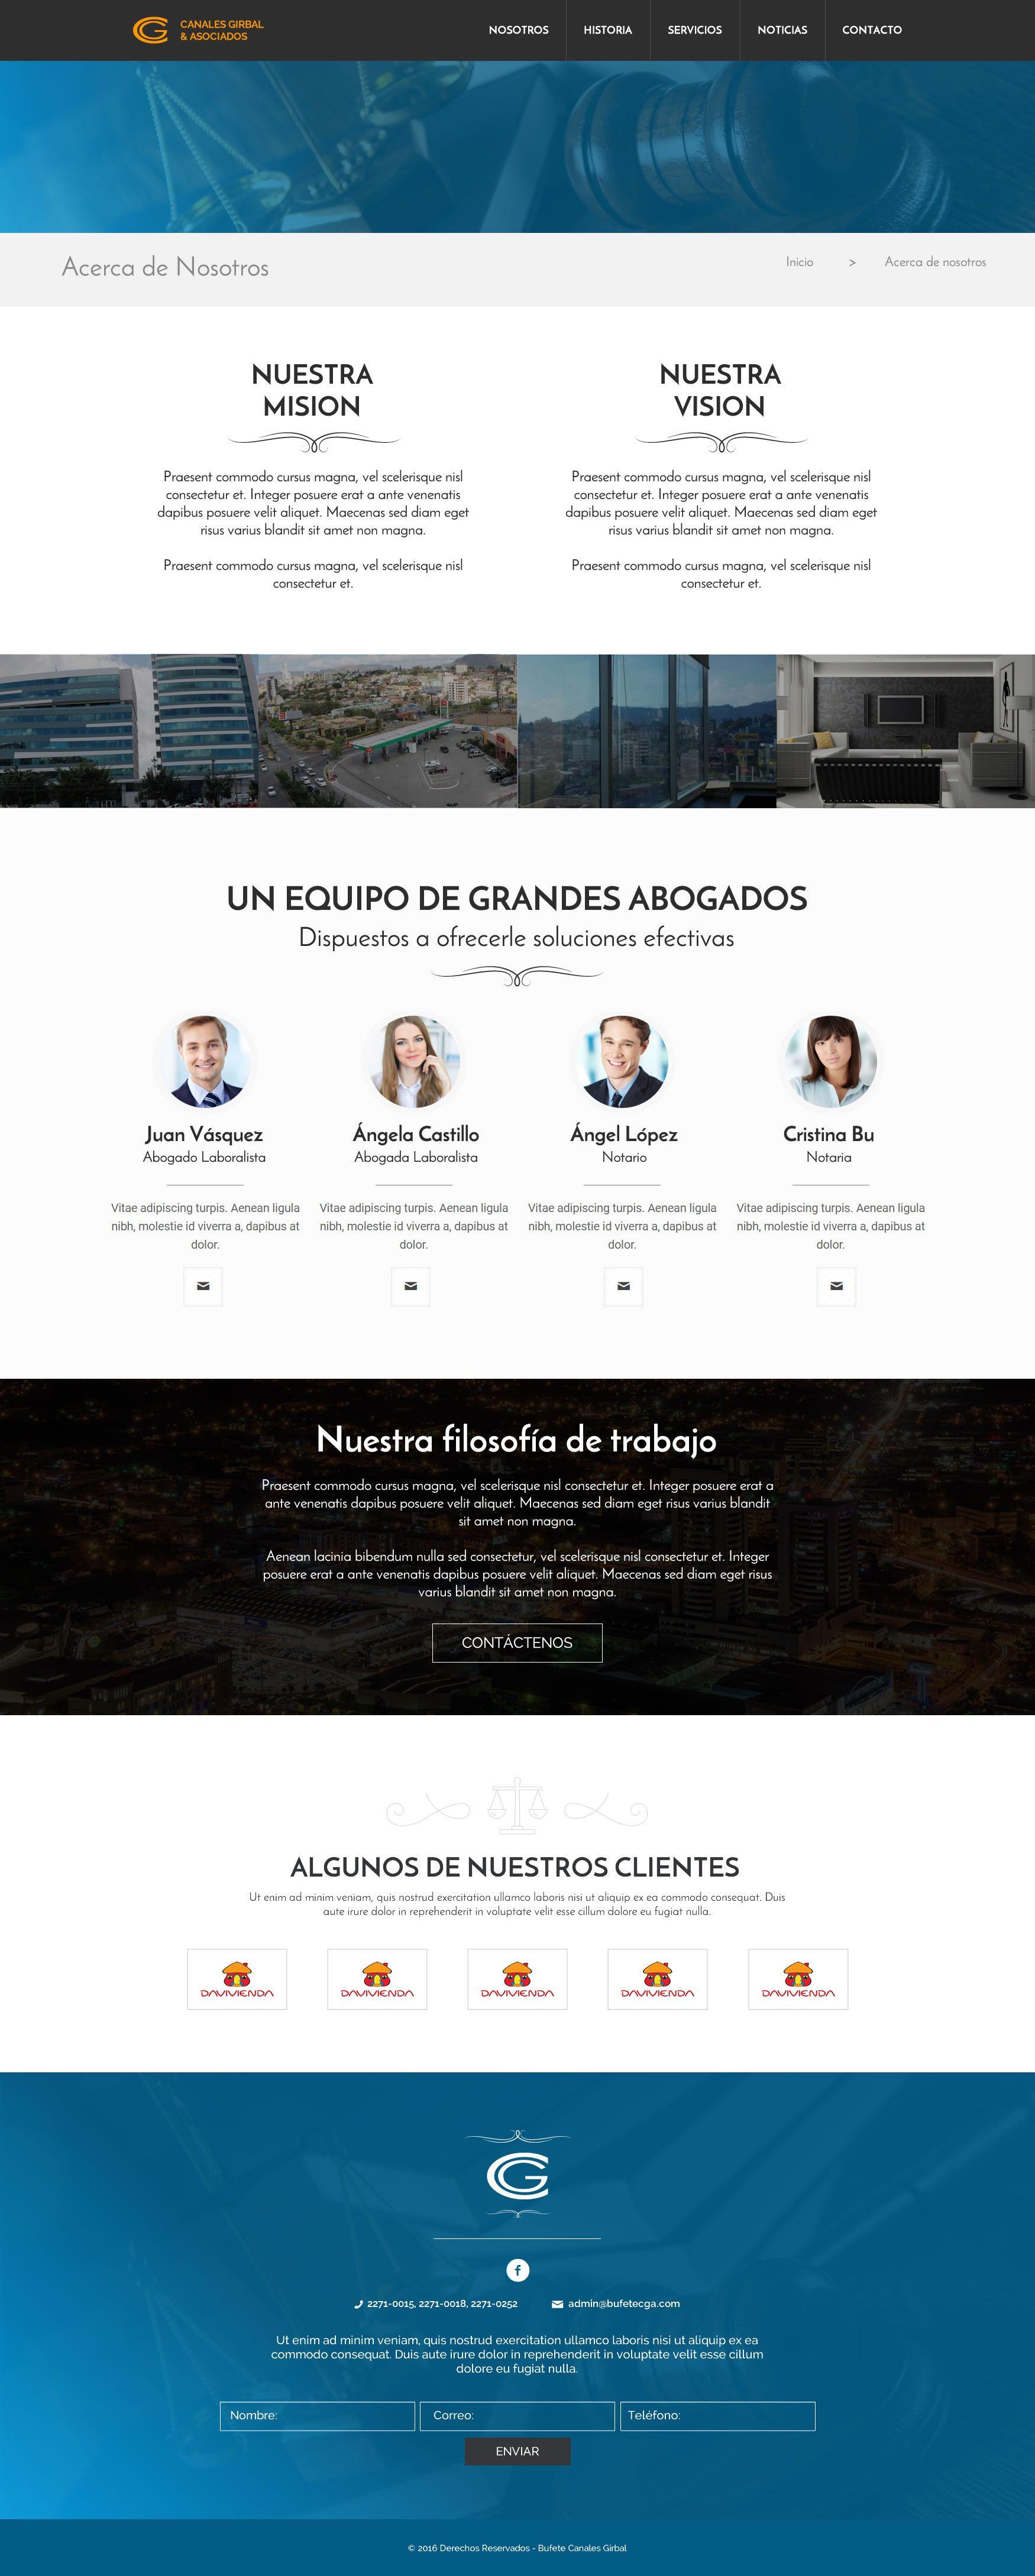 Diseño de Página web del Bufete de Abogados Canales Girbal y Asociados en Honduras. #AndesDev #AgenciaDigital #DiseñoWeb